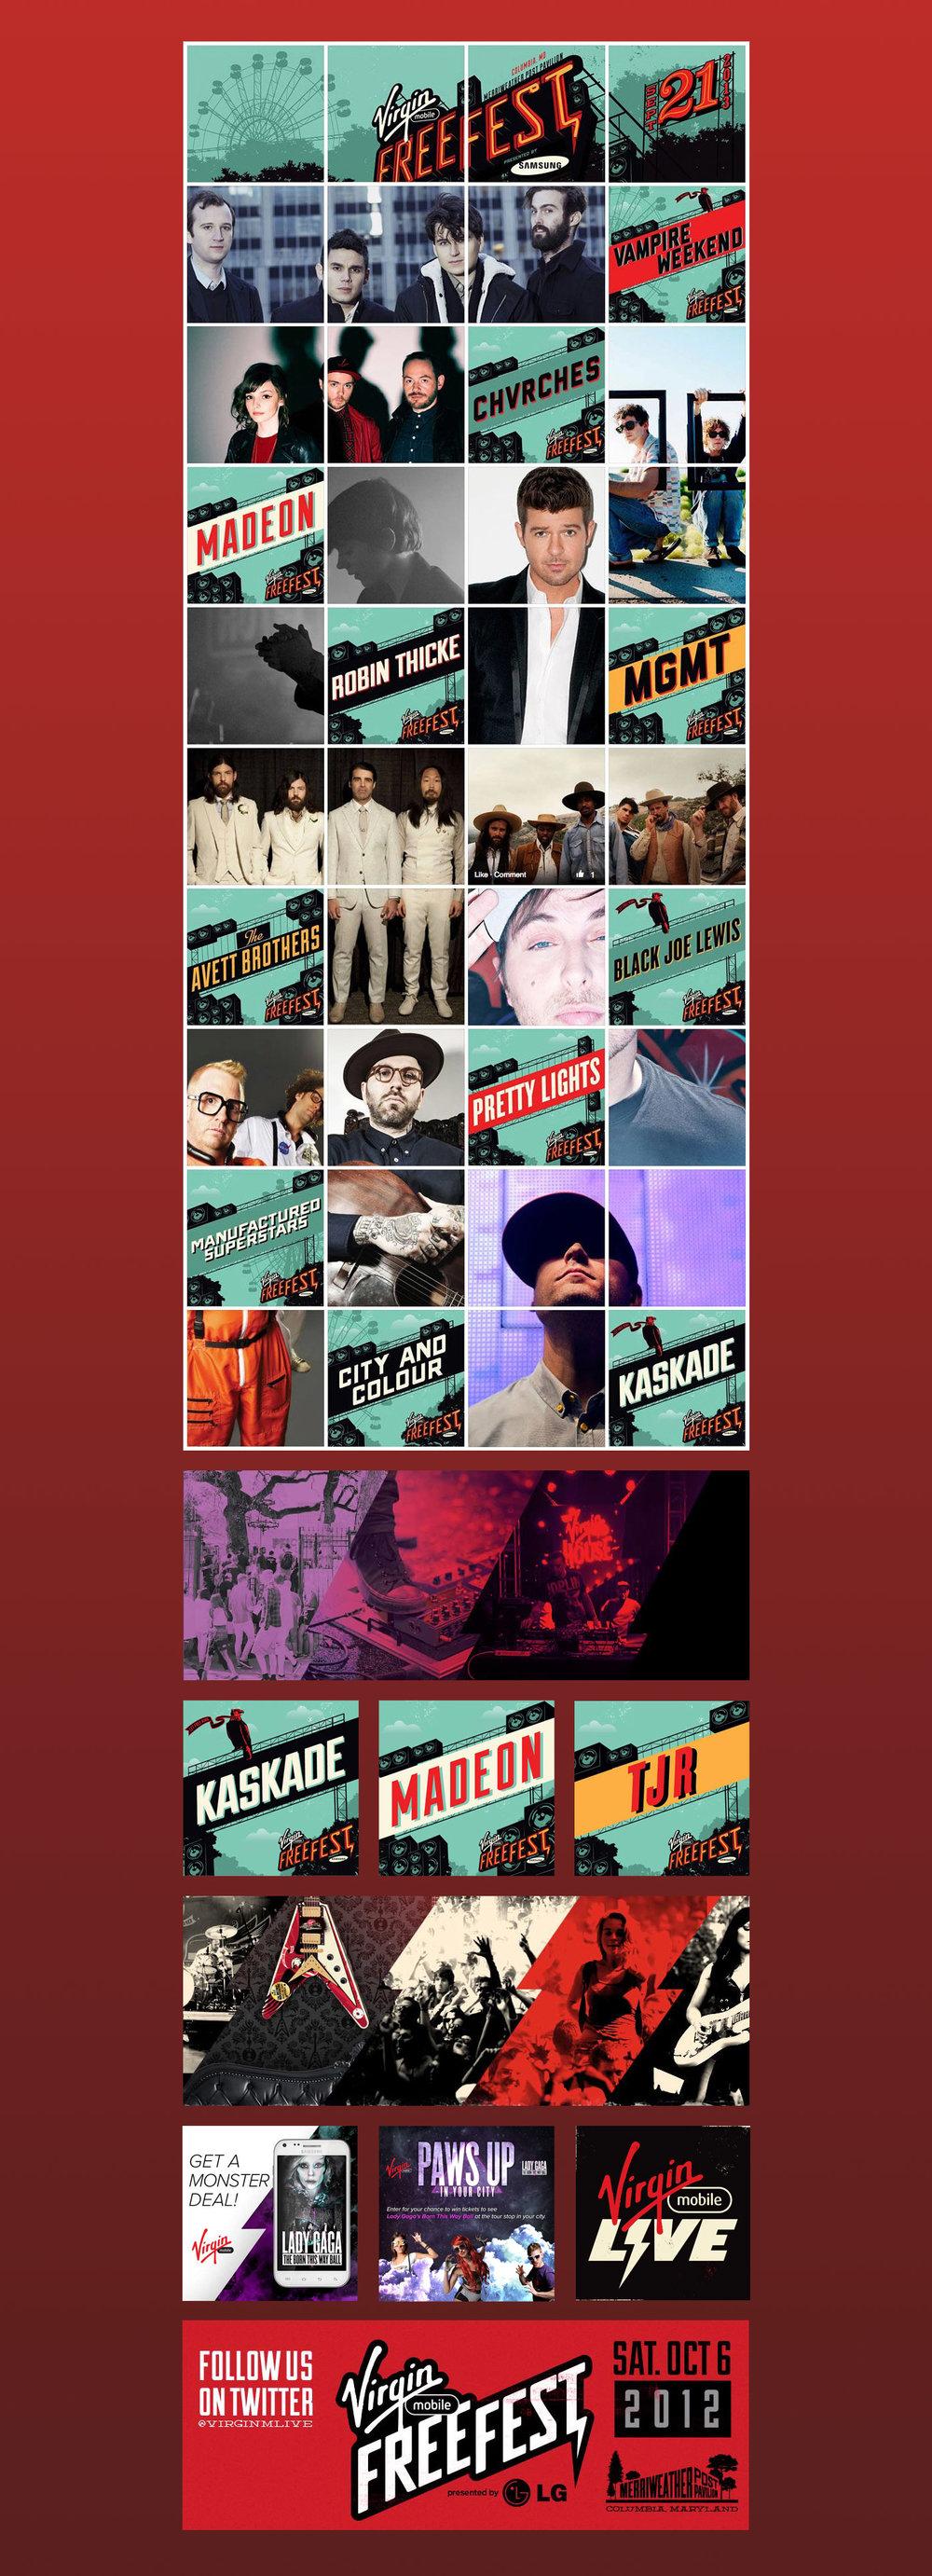 Promotional designs for Virgin Mobile Live. Freefest, concert promos, facebook social images